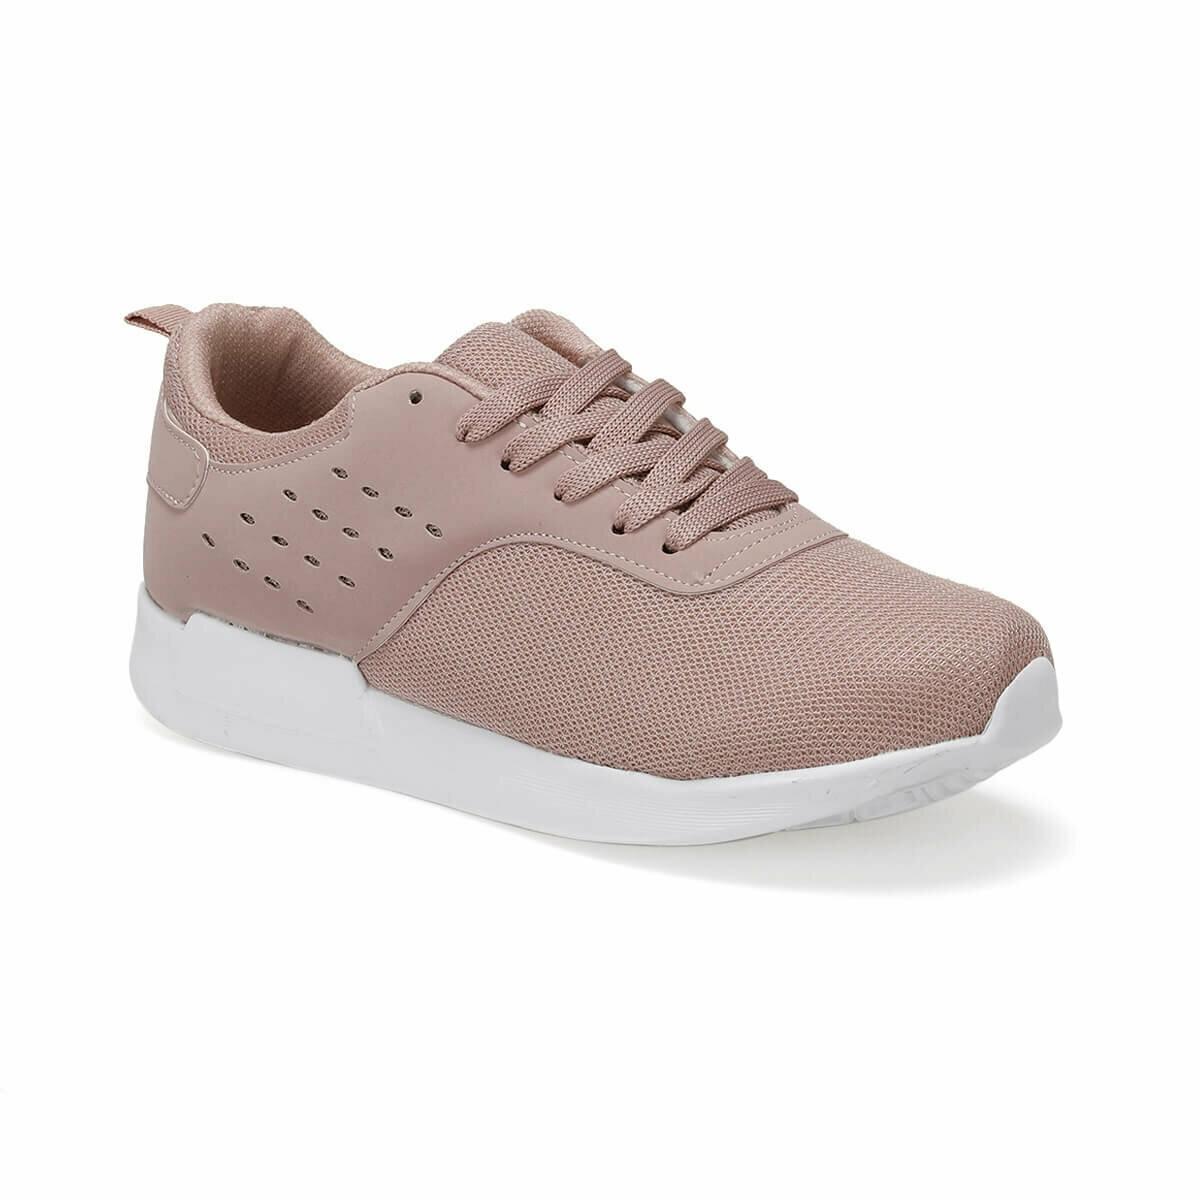 FLO LORENZA W Outdoor Coffee Women 'S Sneaker Shoes Torex